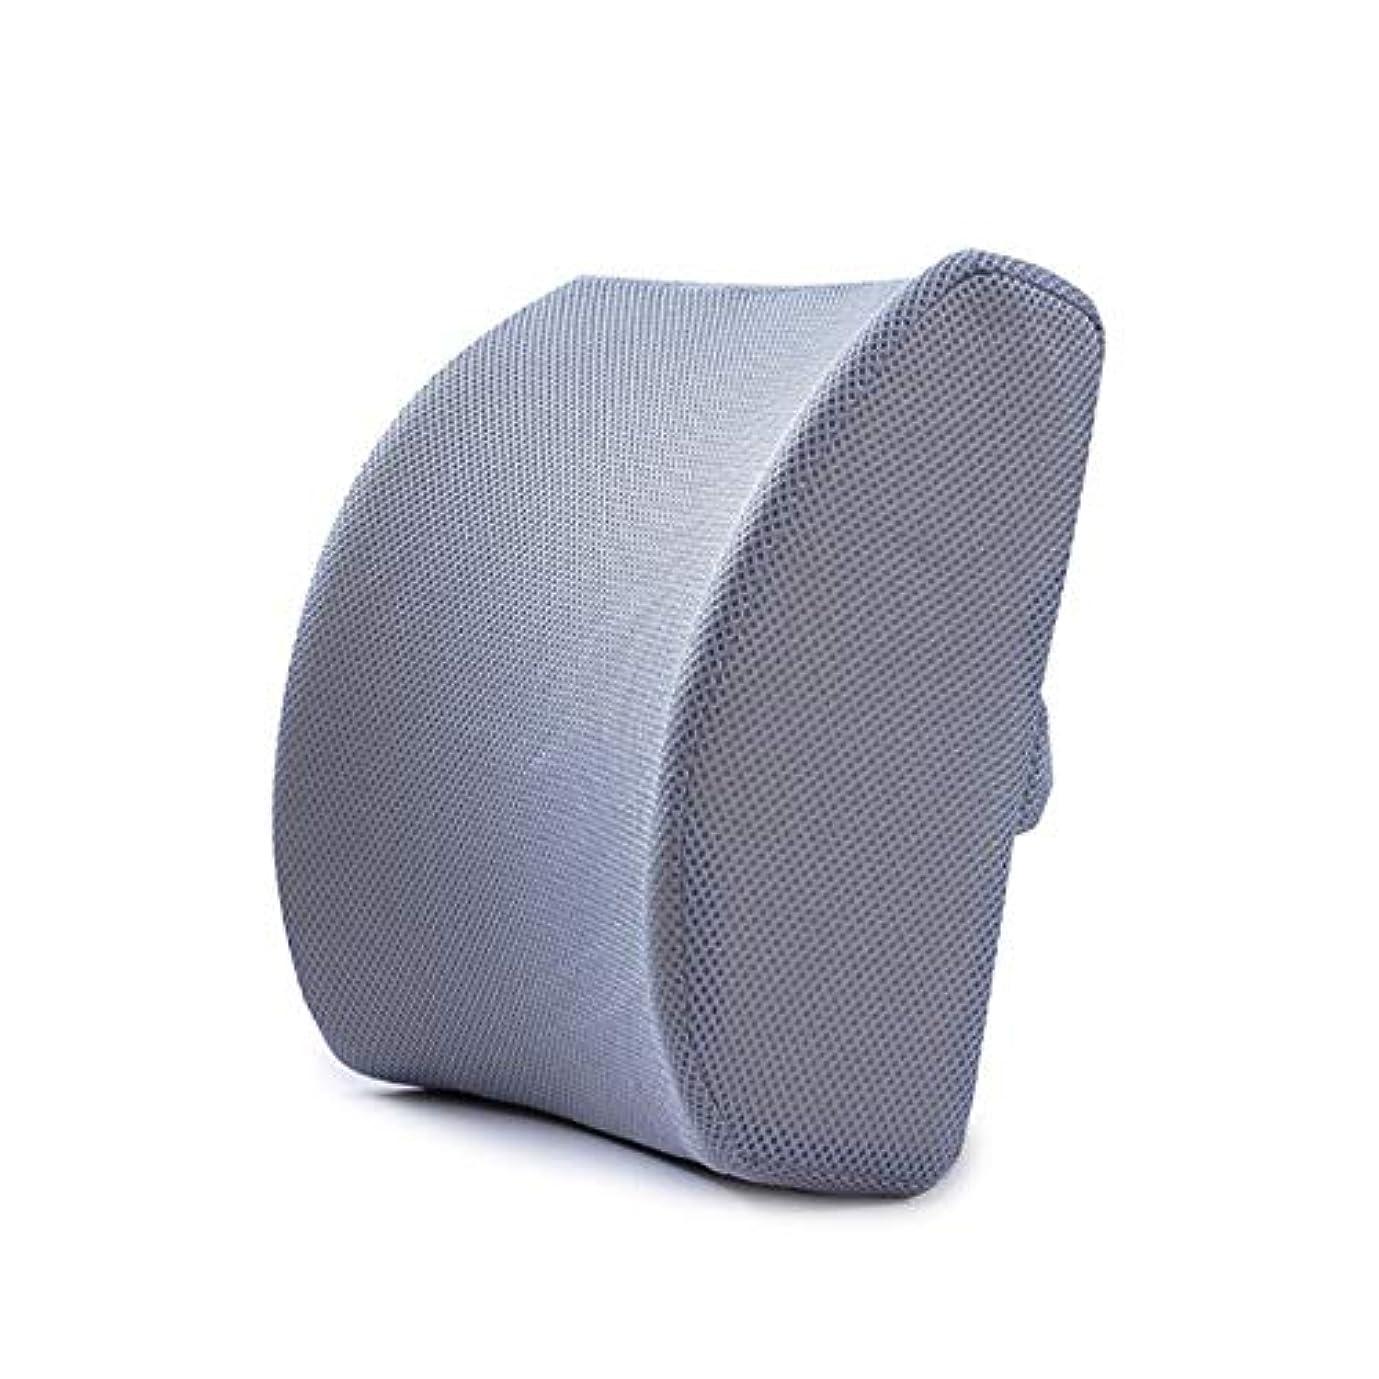 火山封筒アライアンスLIFE ホームオフィス背もたれ椅子腰椎クッションカーシートネック枕 3D 低反発サポートバックマッサージウエストレスリビング枕 クッション 椅子